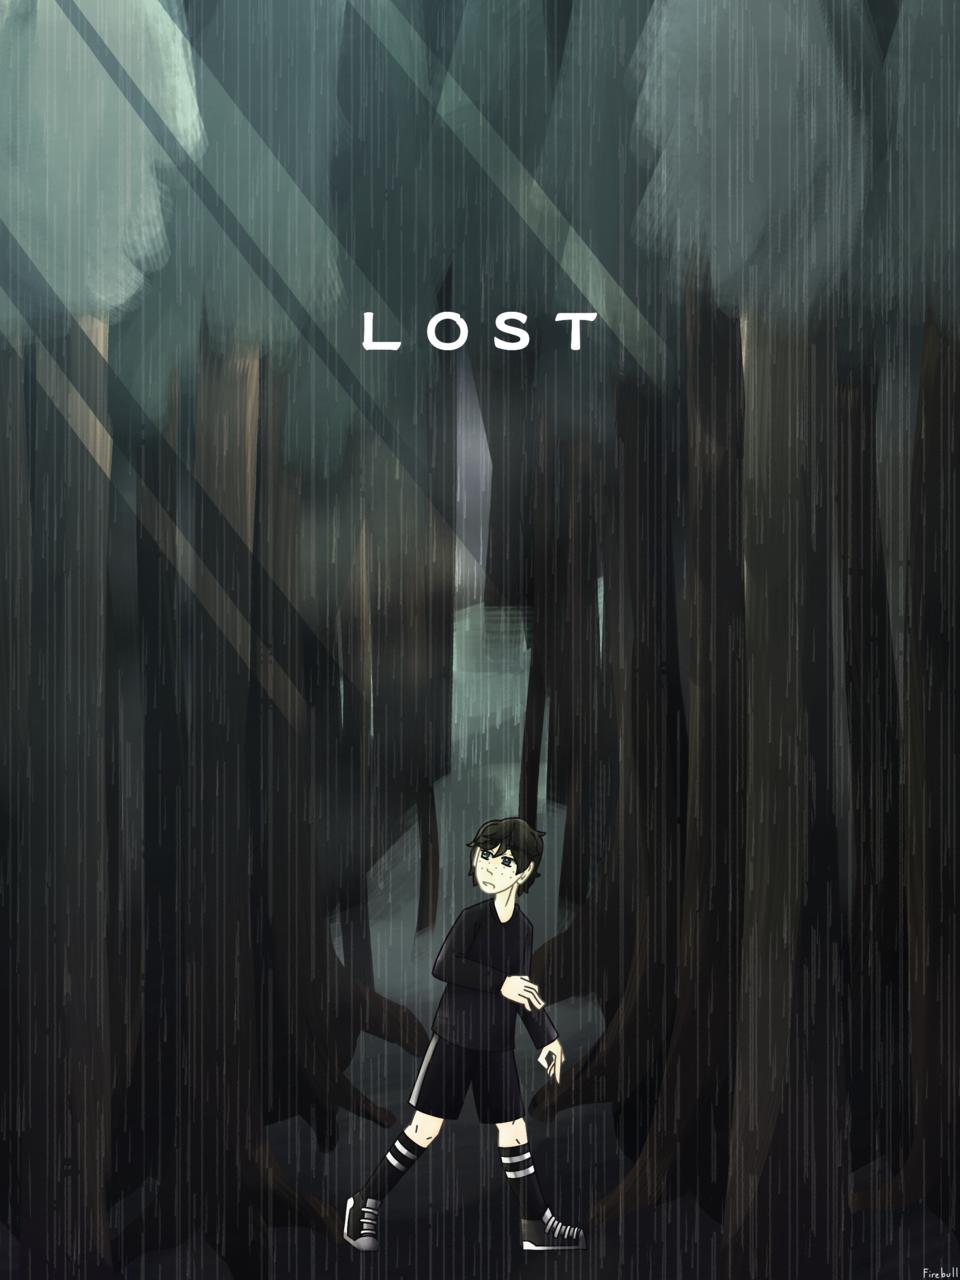 The Woods Illust of Firebull medibangpaint rain forest gray